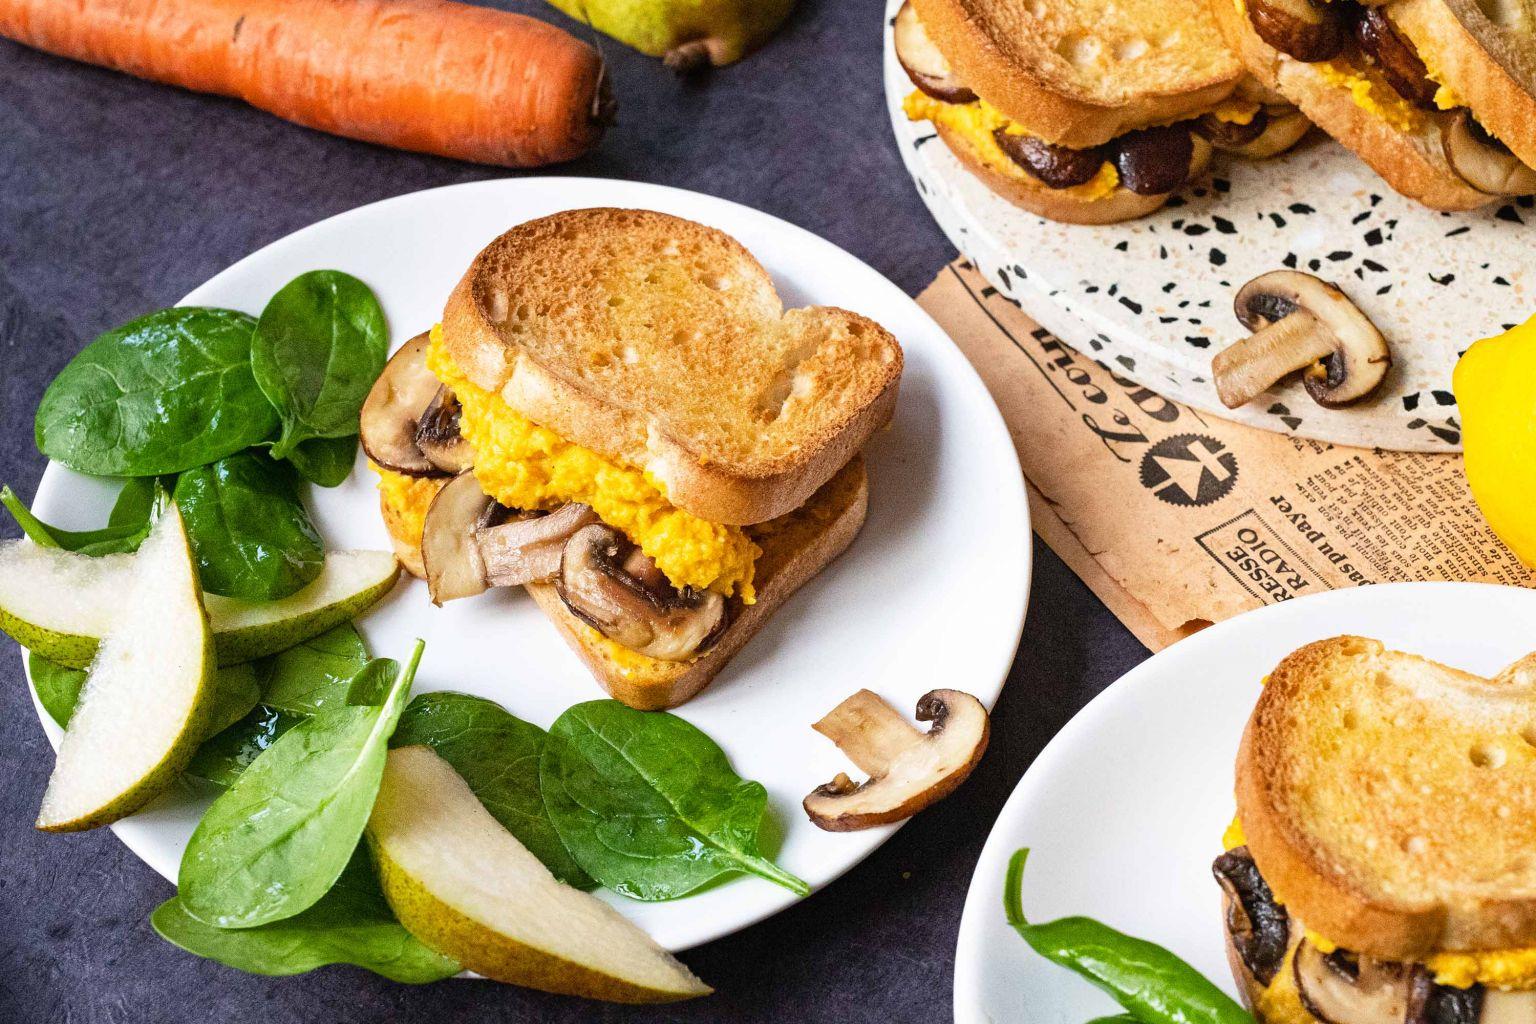 Club-sandwichs aux champignons bruns et houmous